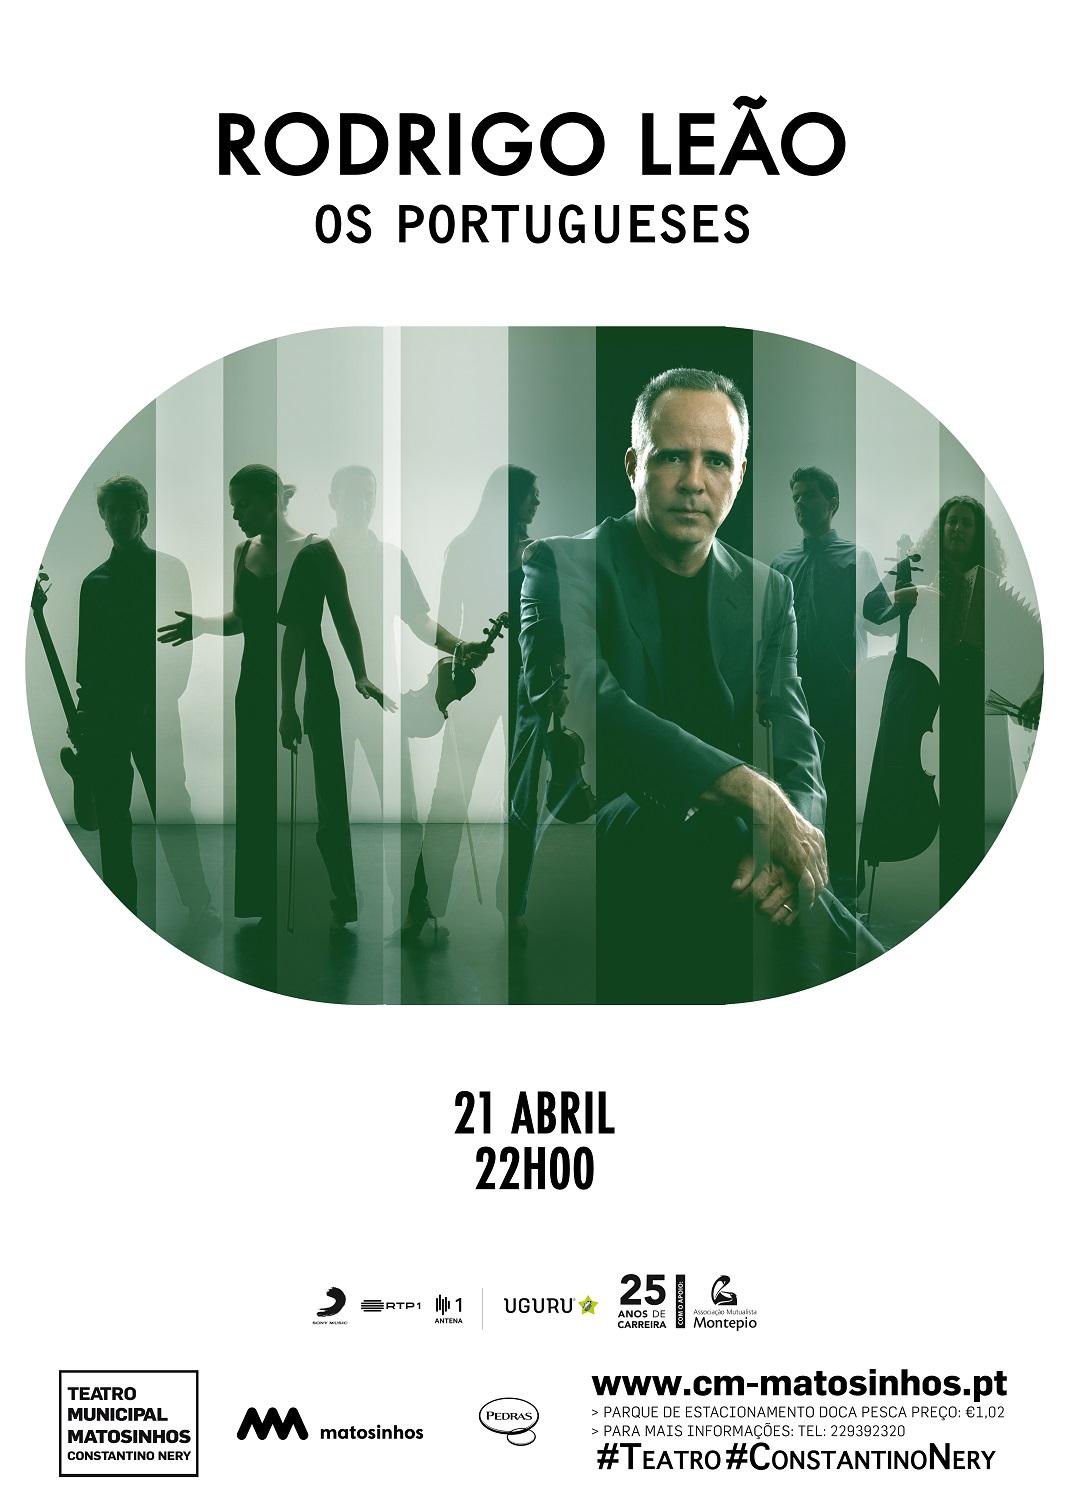 Sábado de música em Matosinhos, Rodrigo Leão